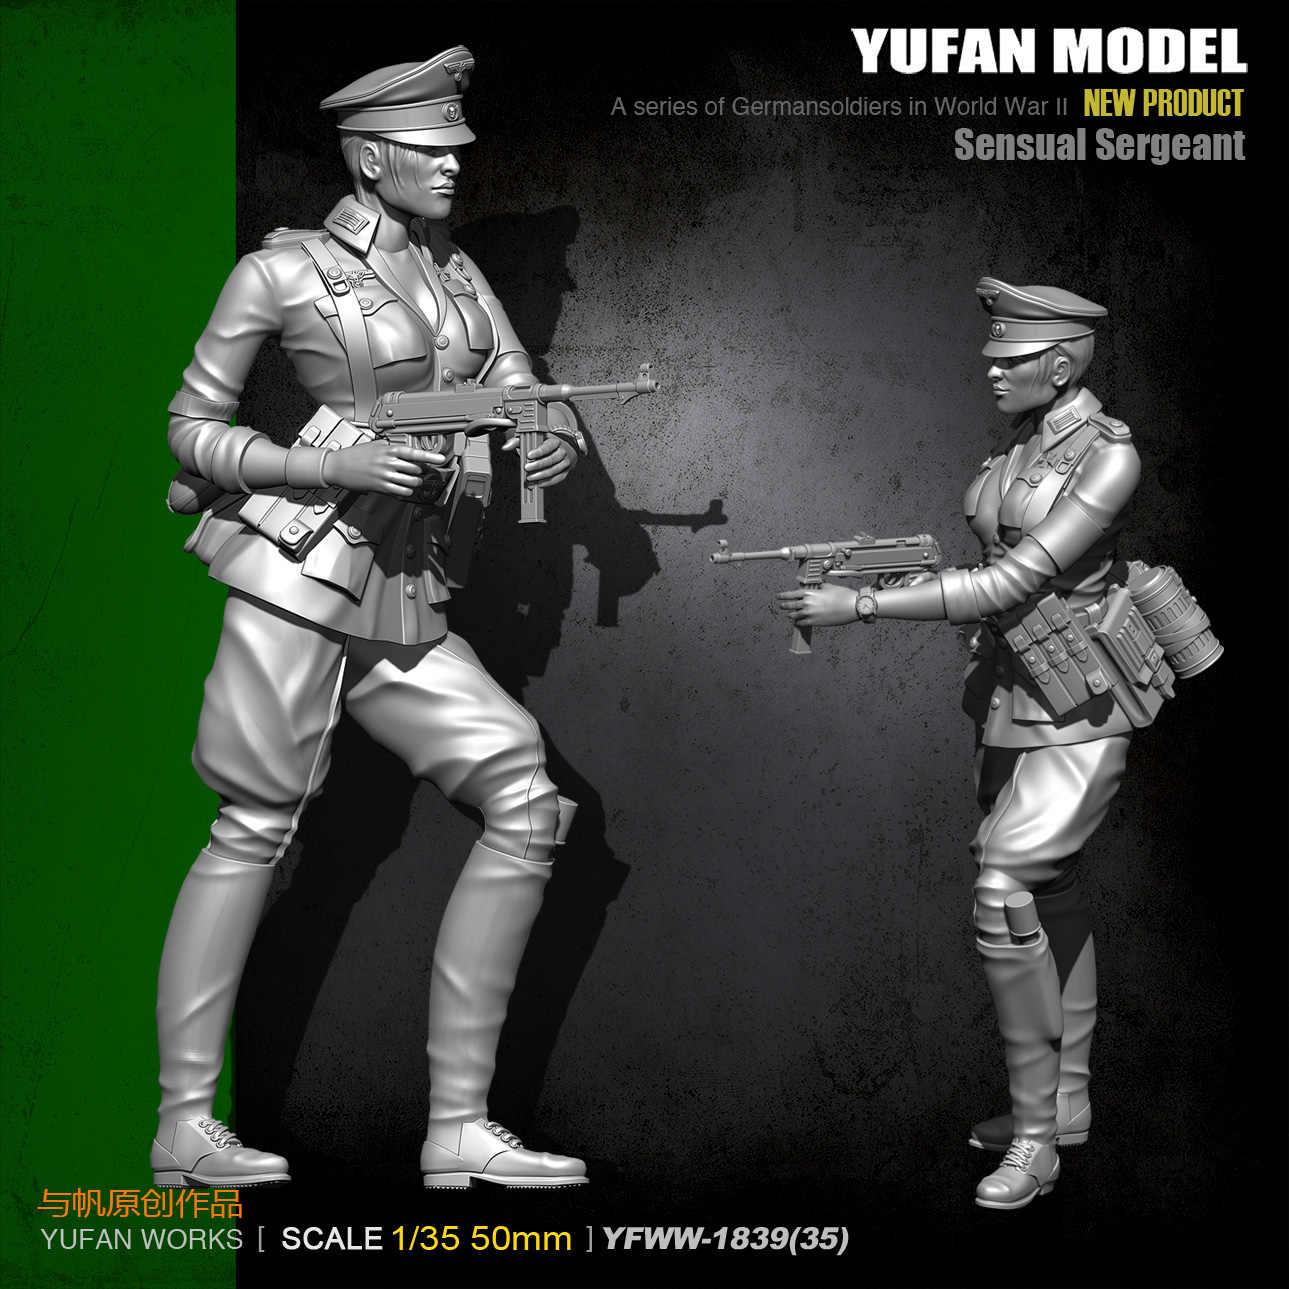 1//35 jungfräuliche unbemalte Modellbausätze YuFan Model Resin Solider A0G4 L6Z8